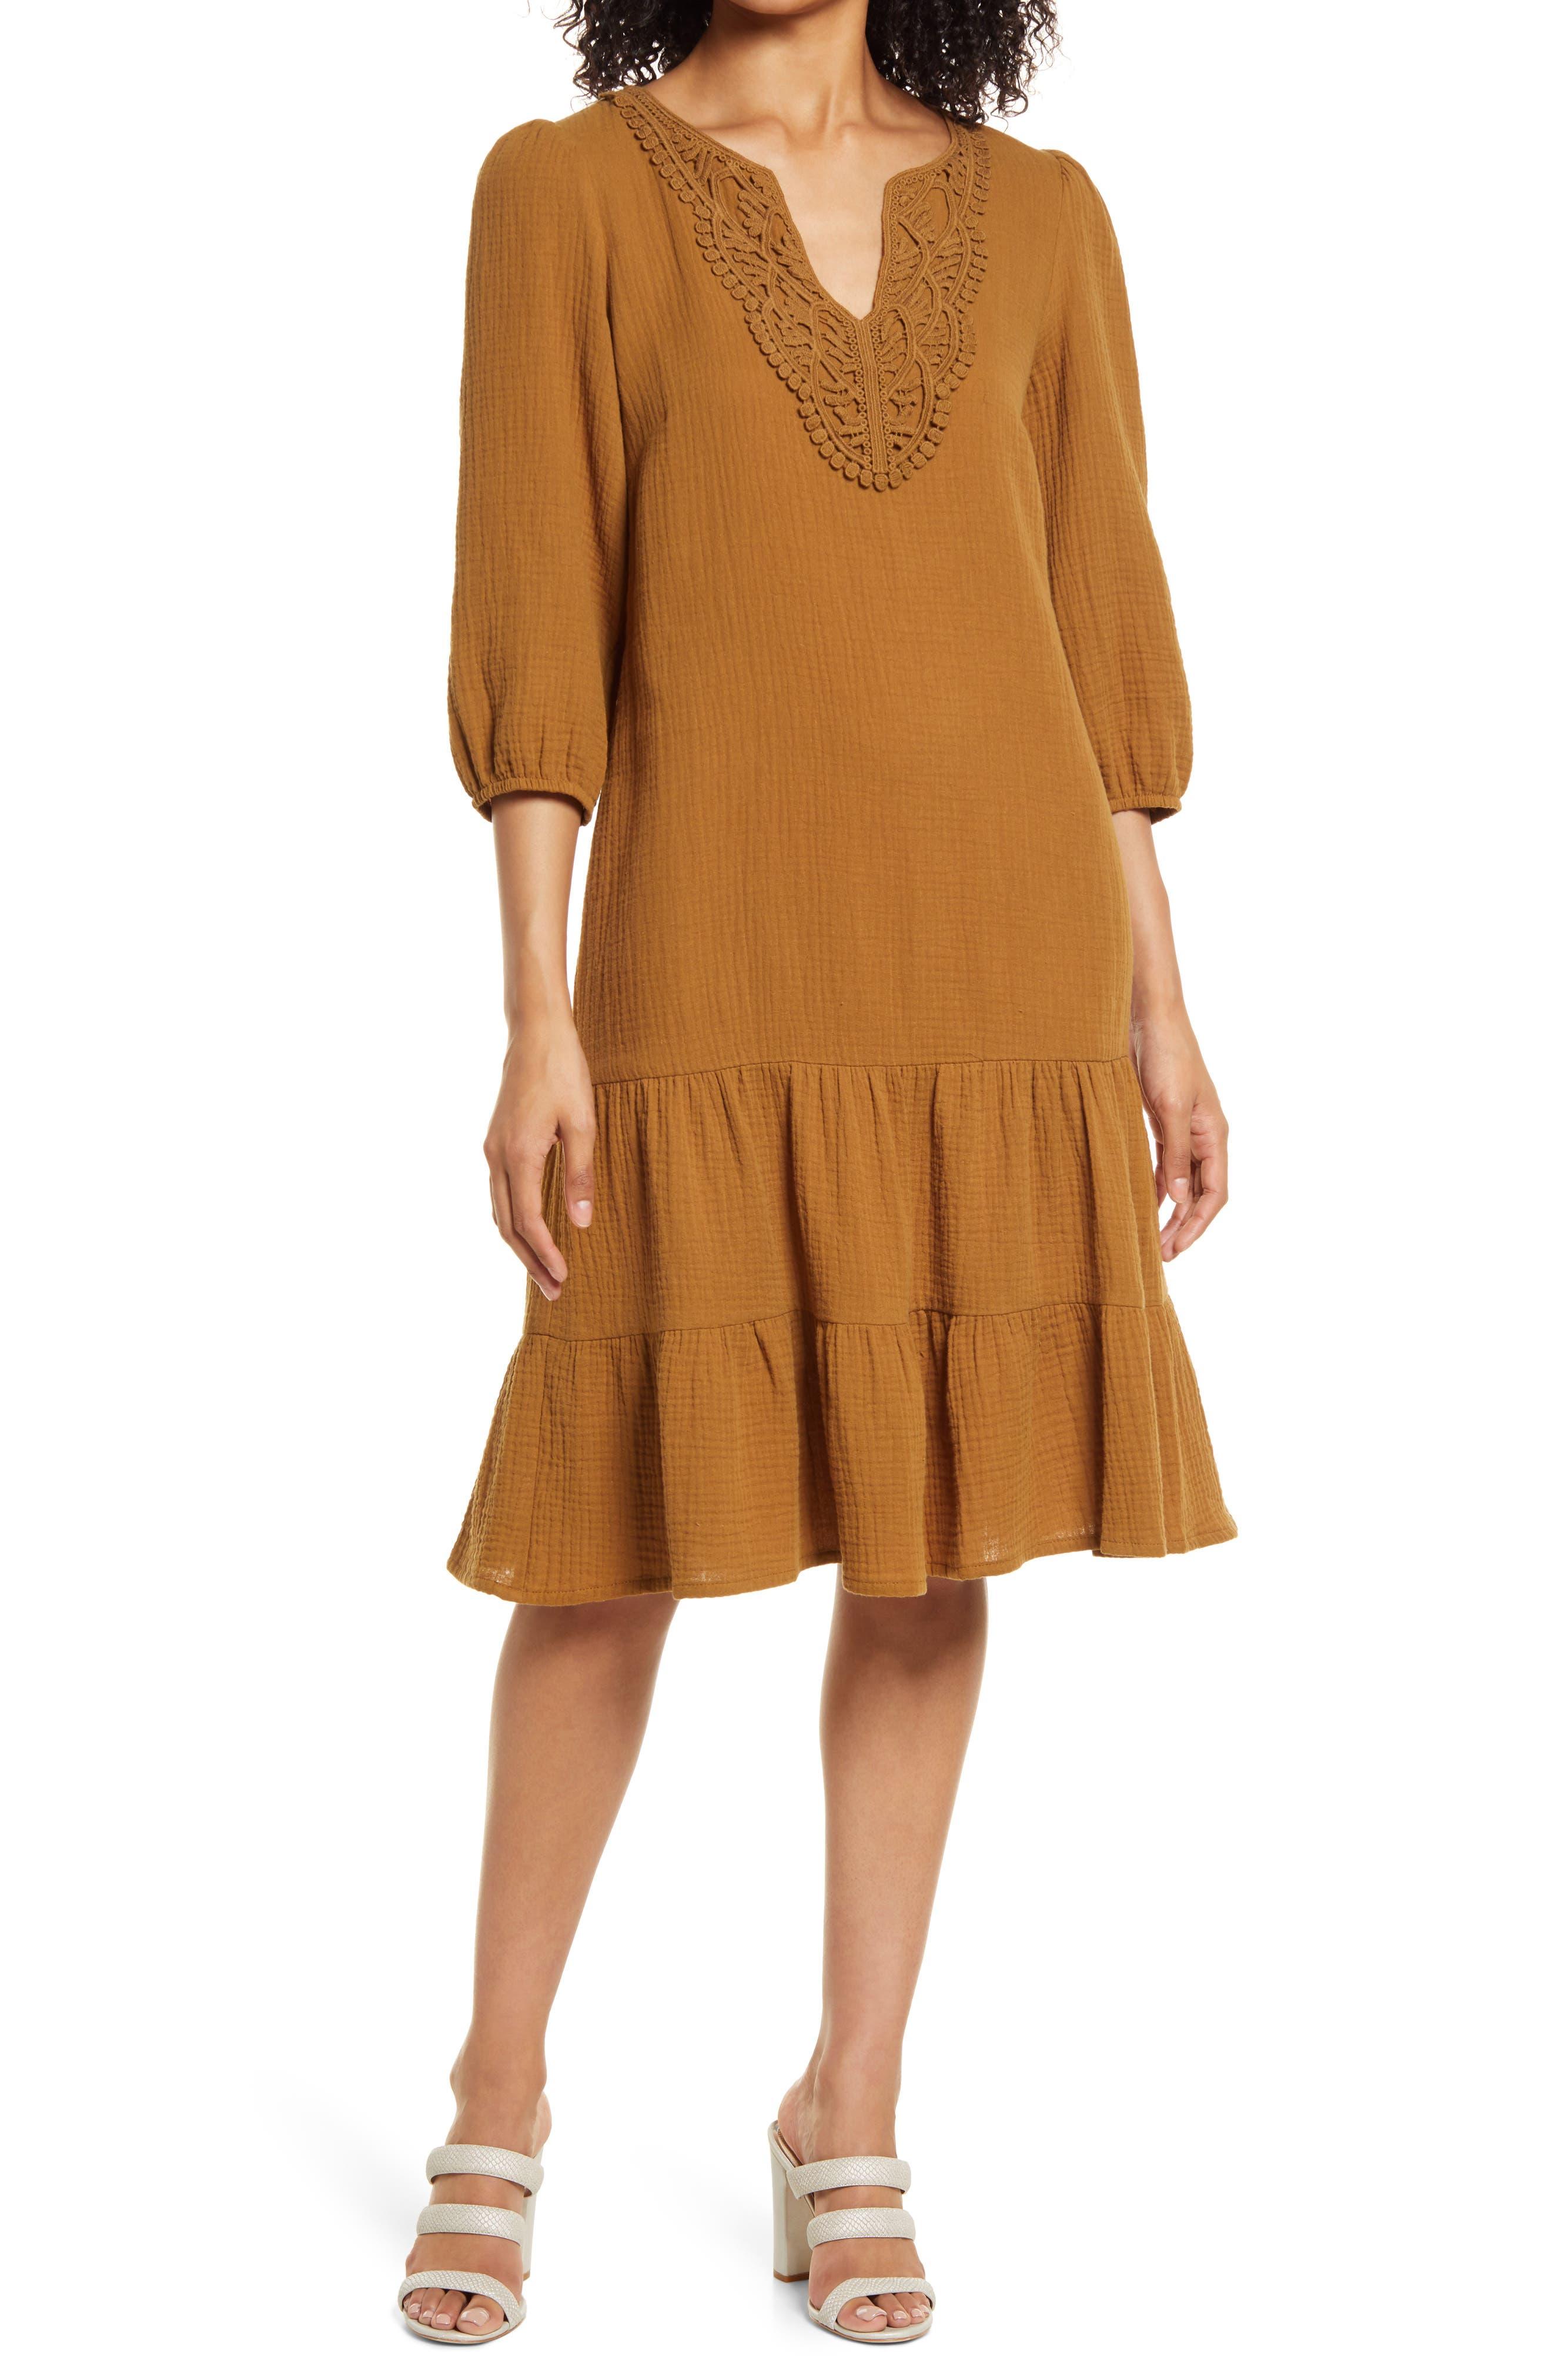 Lace Applique Neck Shift Dress